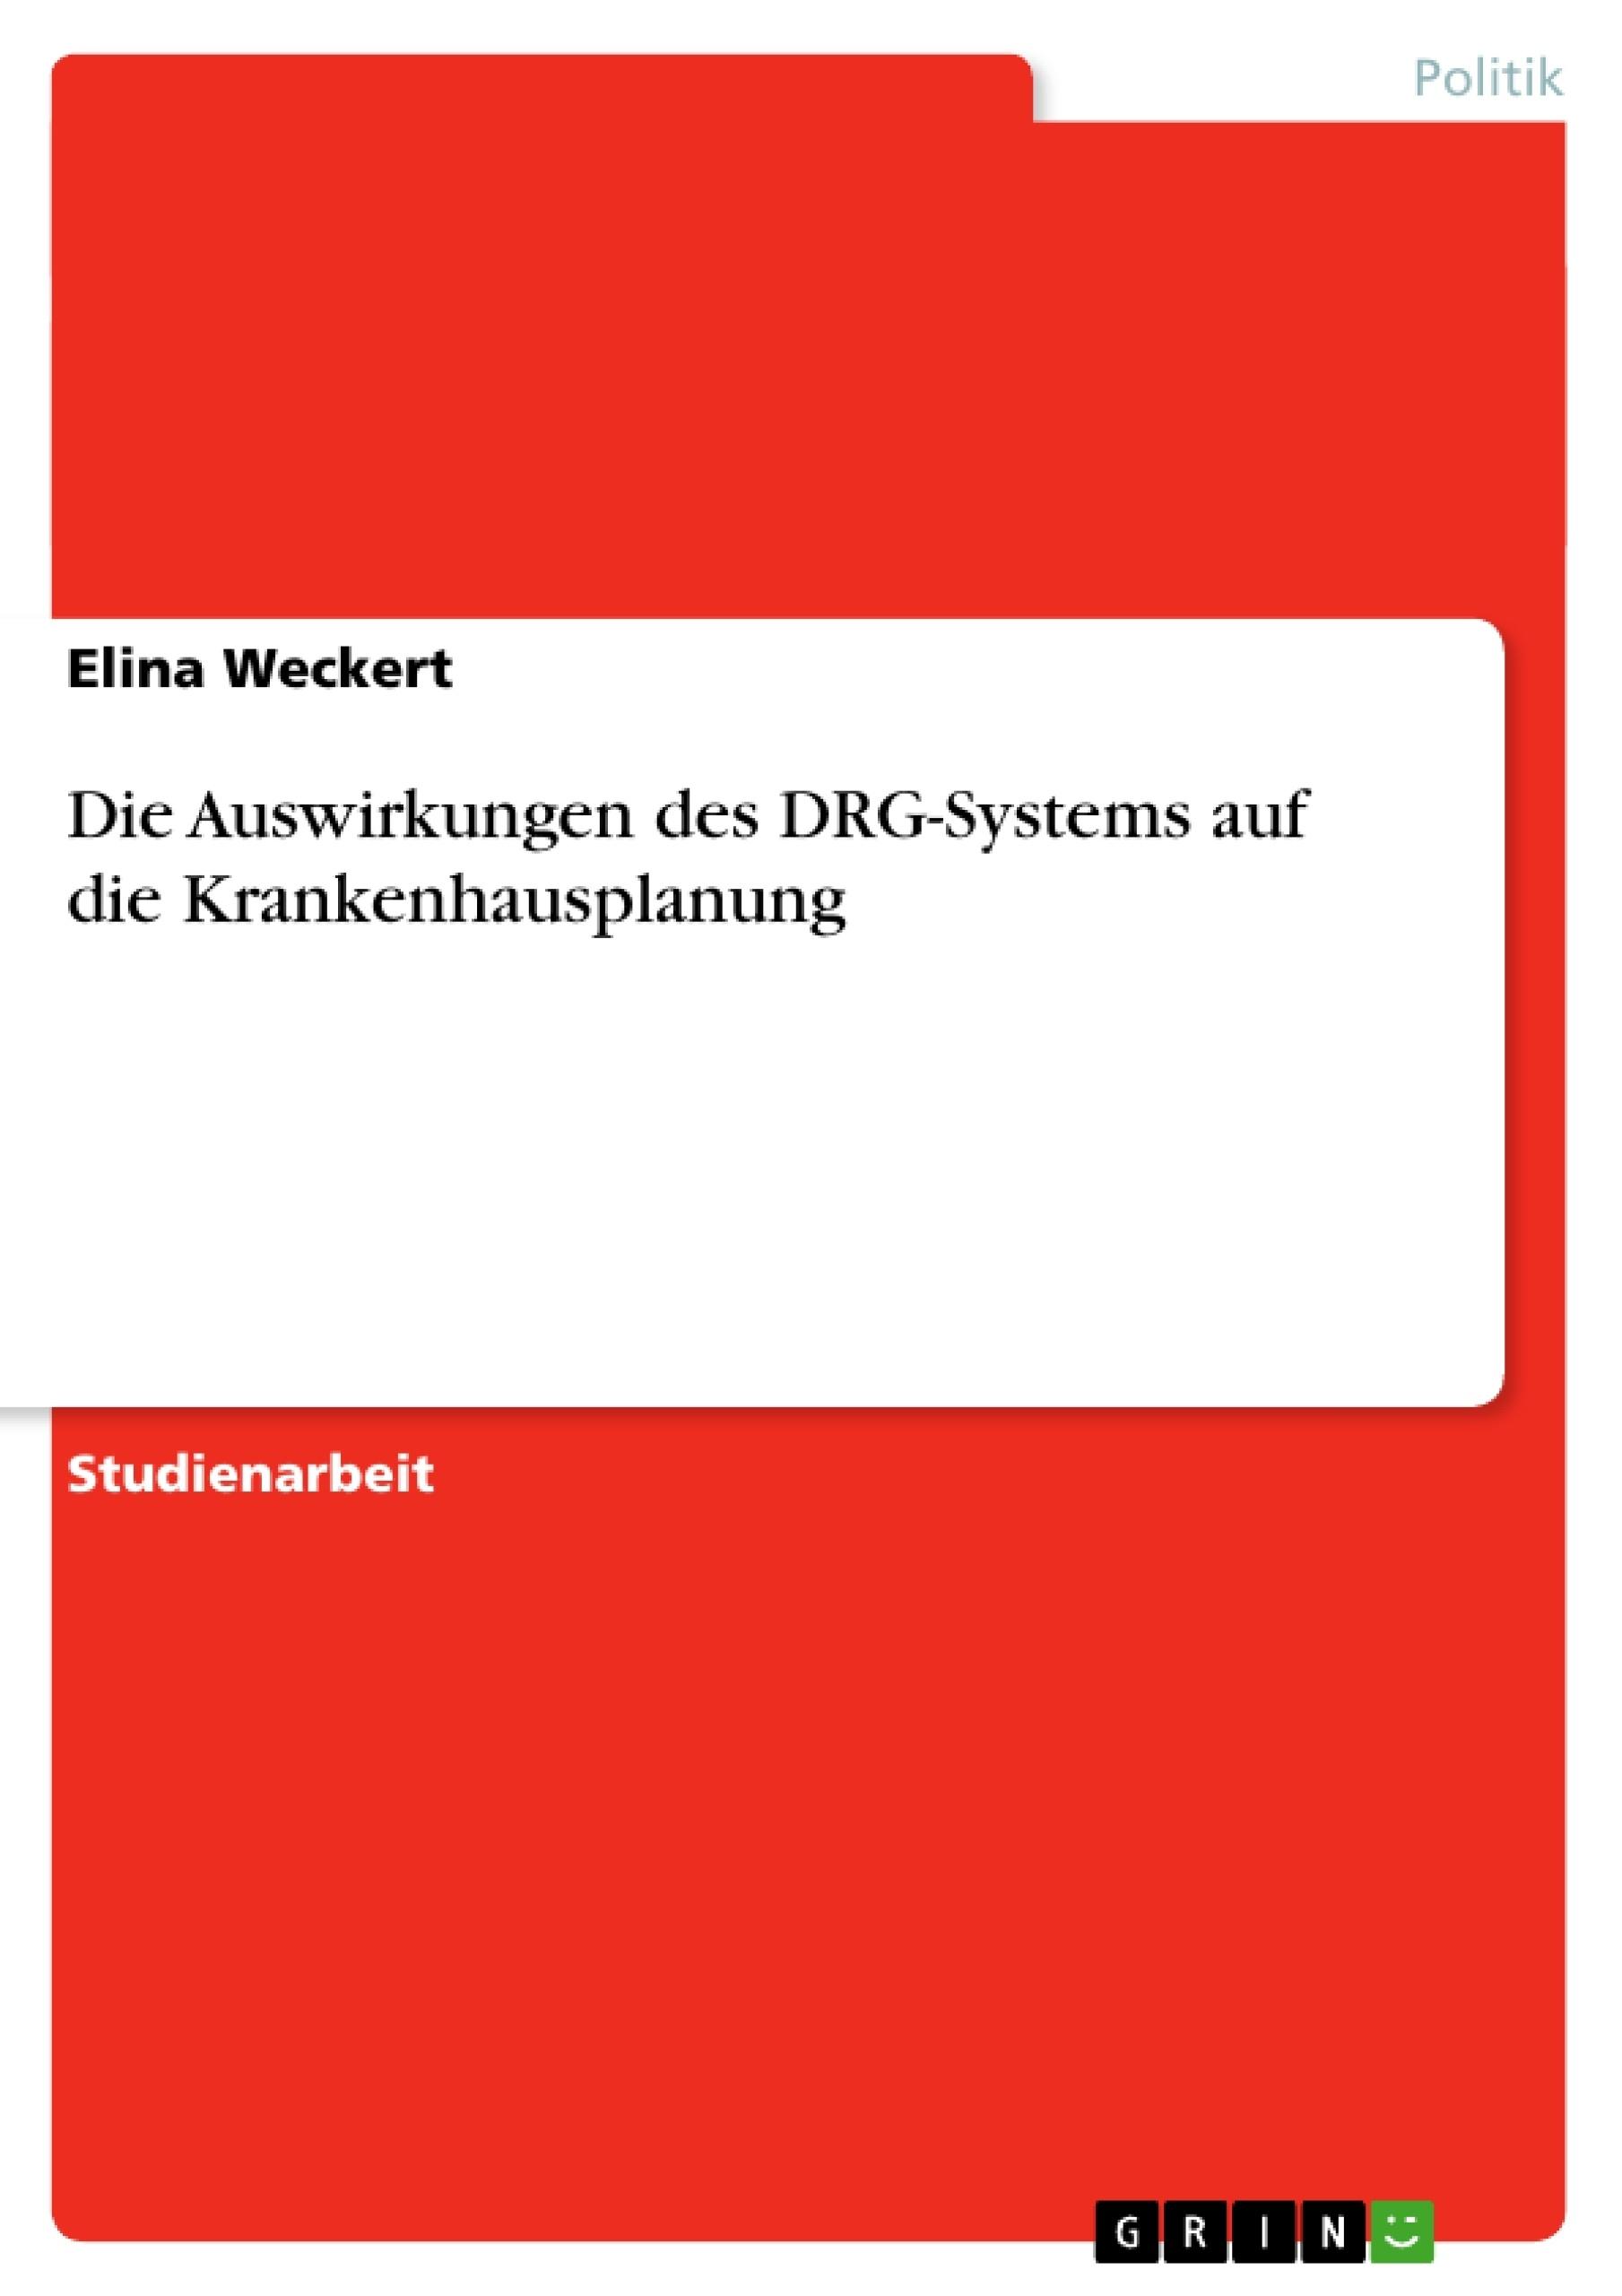 Titel: Die Auswirkungen des DRG-Systems auf die Krankenhausplanung